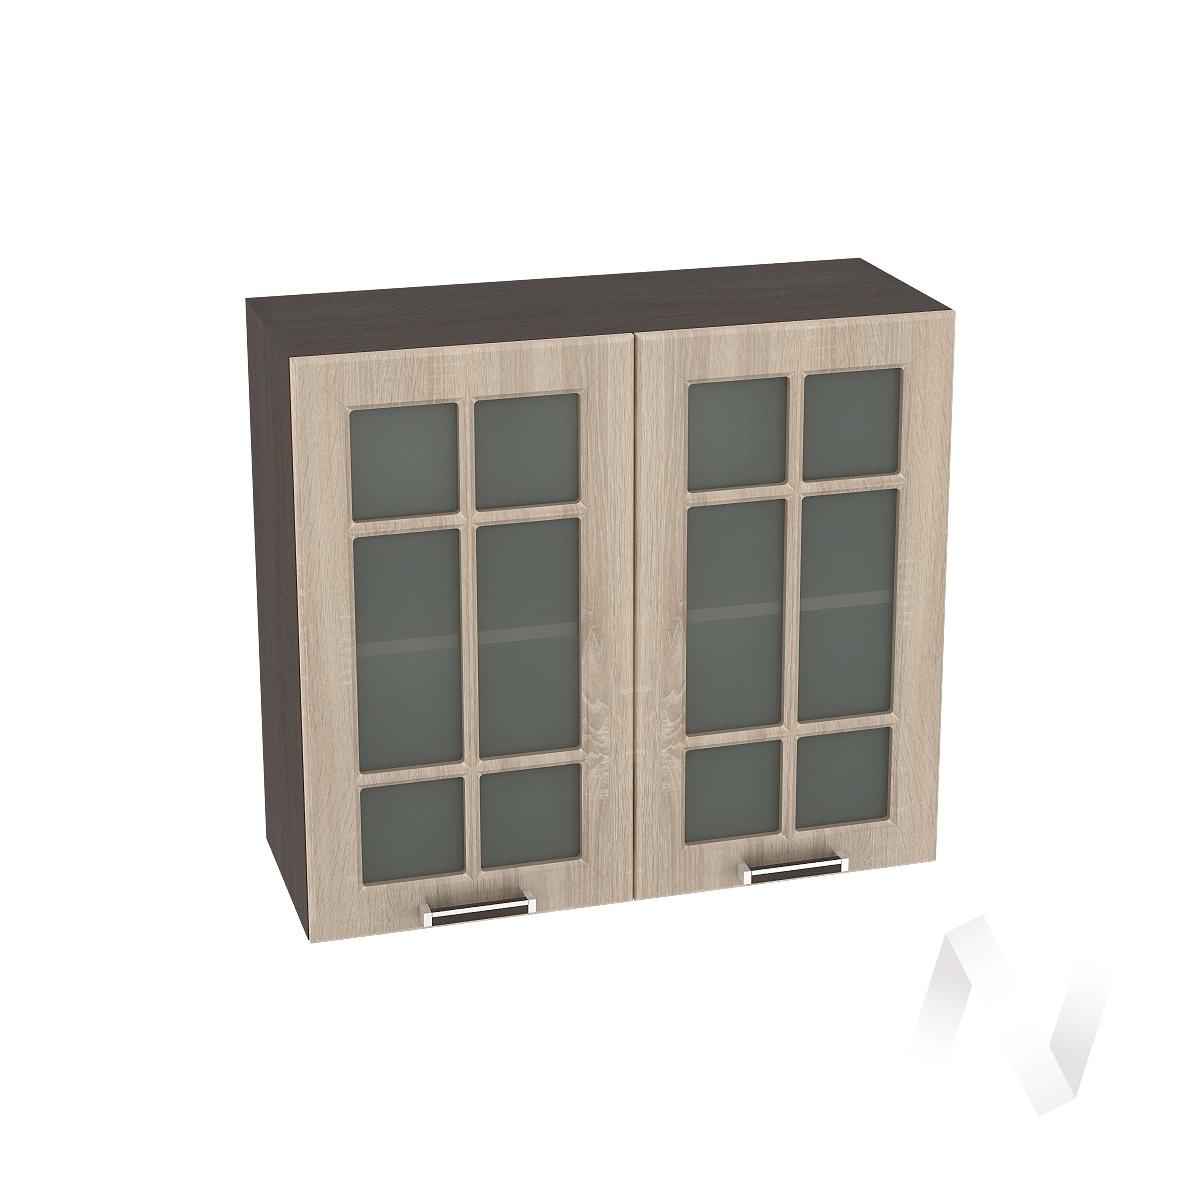 """Кухня """"Прага"""": Шкаф верхний со стеклом 800, ШВС 800 новый (дуб сонома/корпус венге)"""